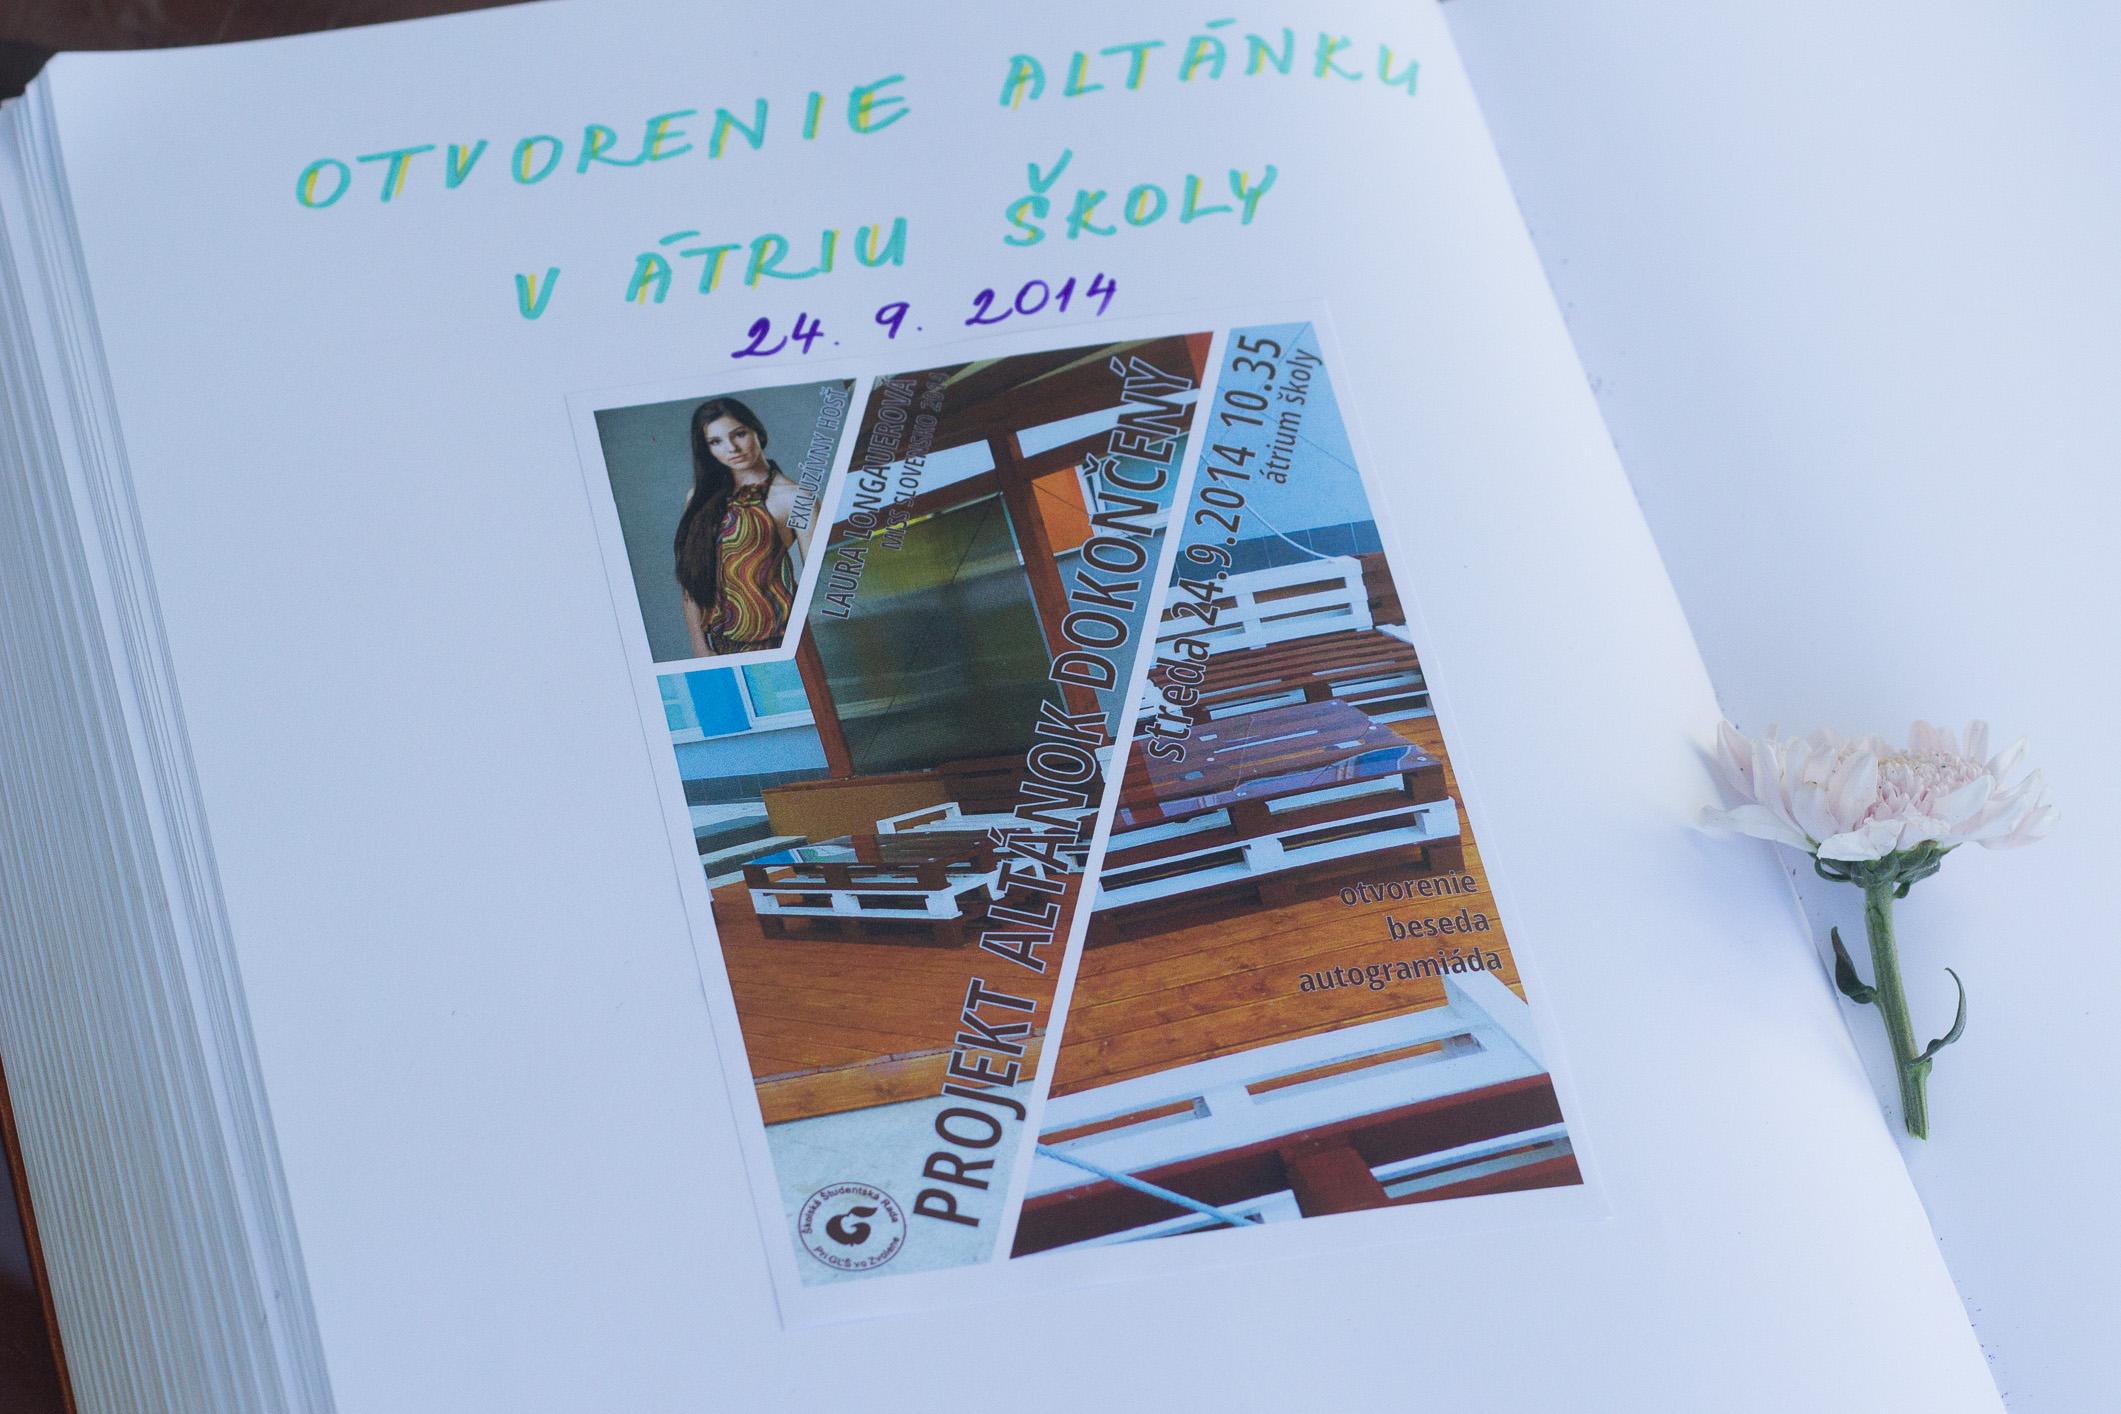 altanok-gls-zvolen-12